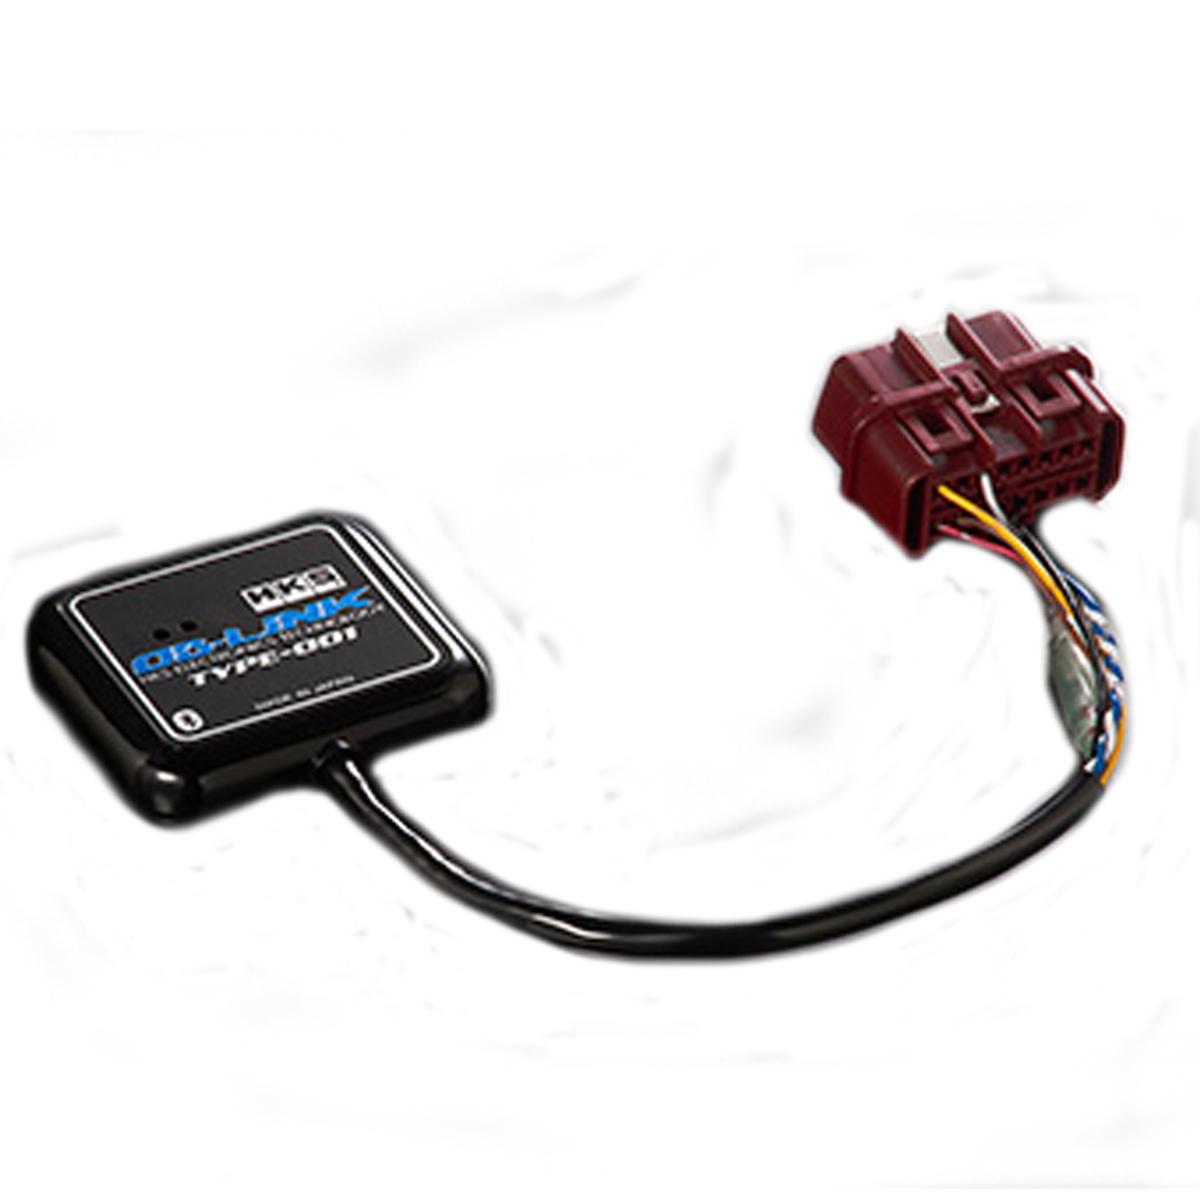 セレナ モニター OBリンク タイプ 001 C26 HKS 44009-AK002 エレクトリニクス